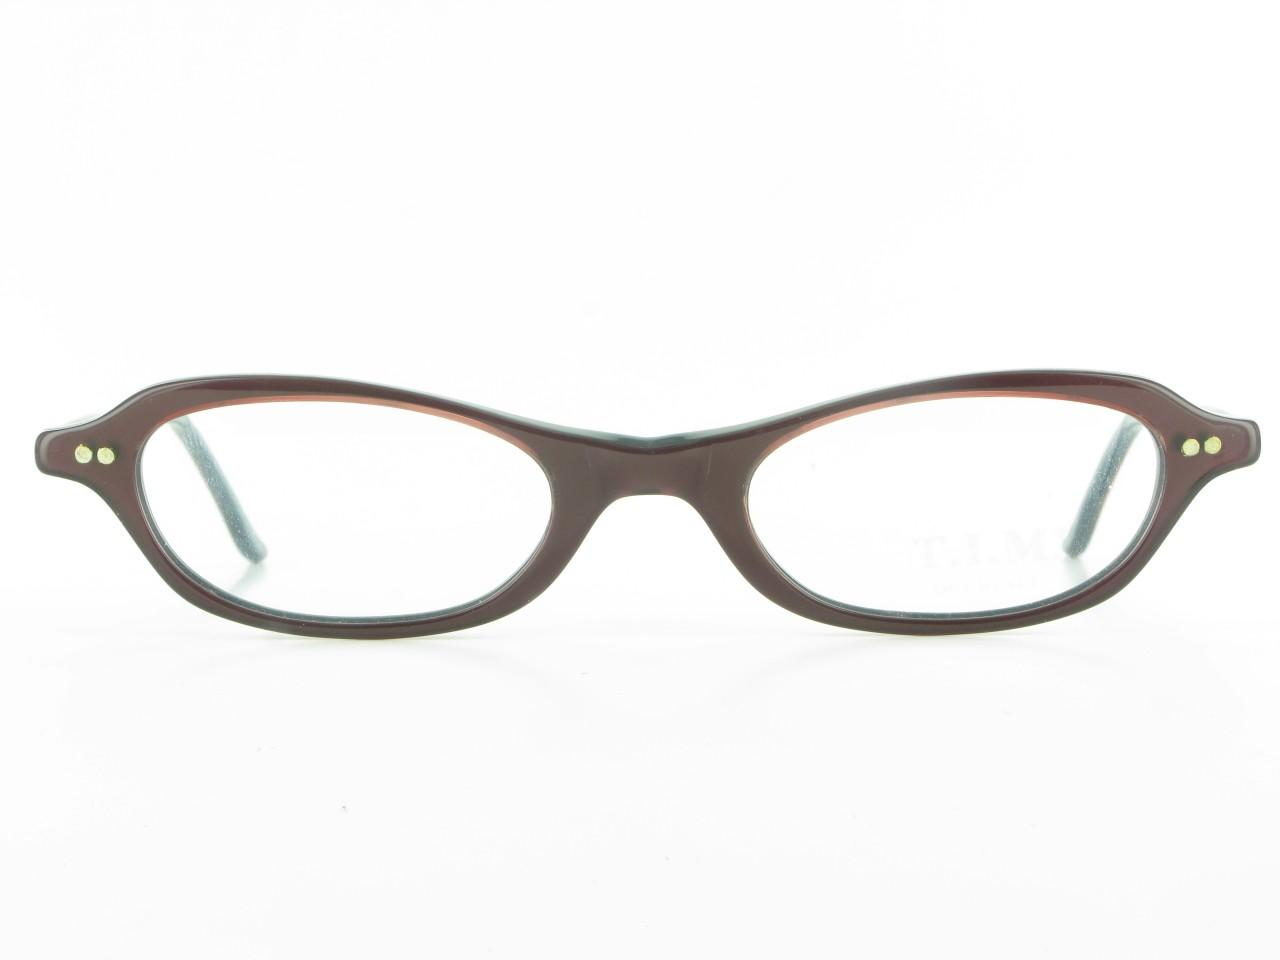 Blue Designer Eyeglass Frames : Hand Made Italian T I M Womens Designer EYEGLASS FRAME ...